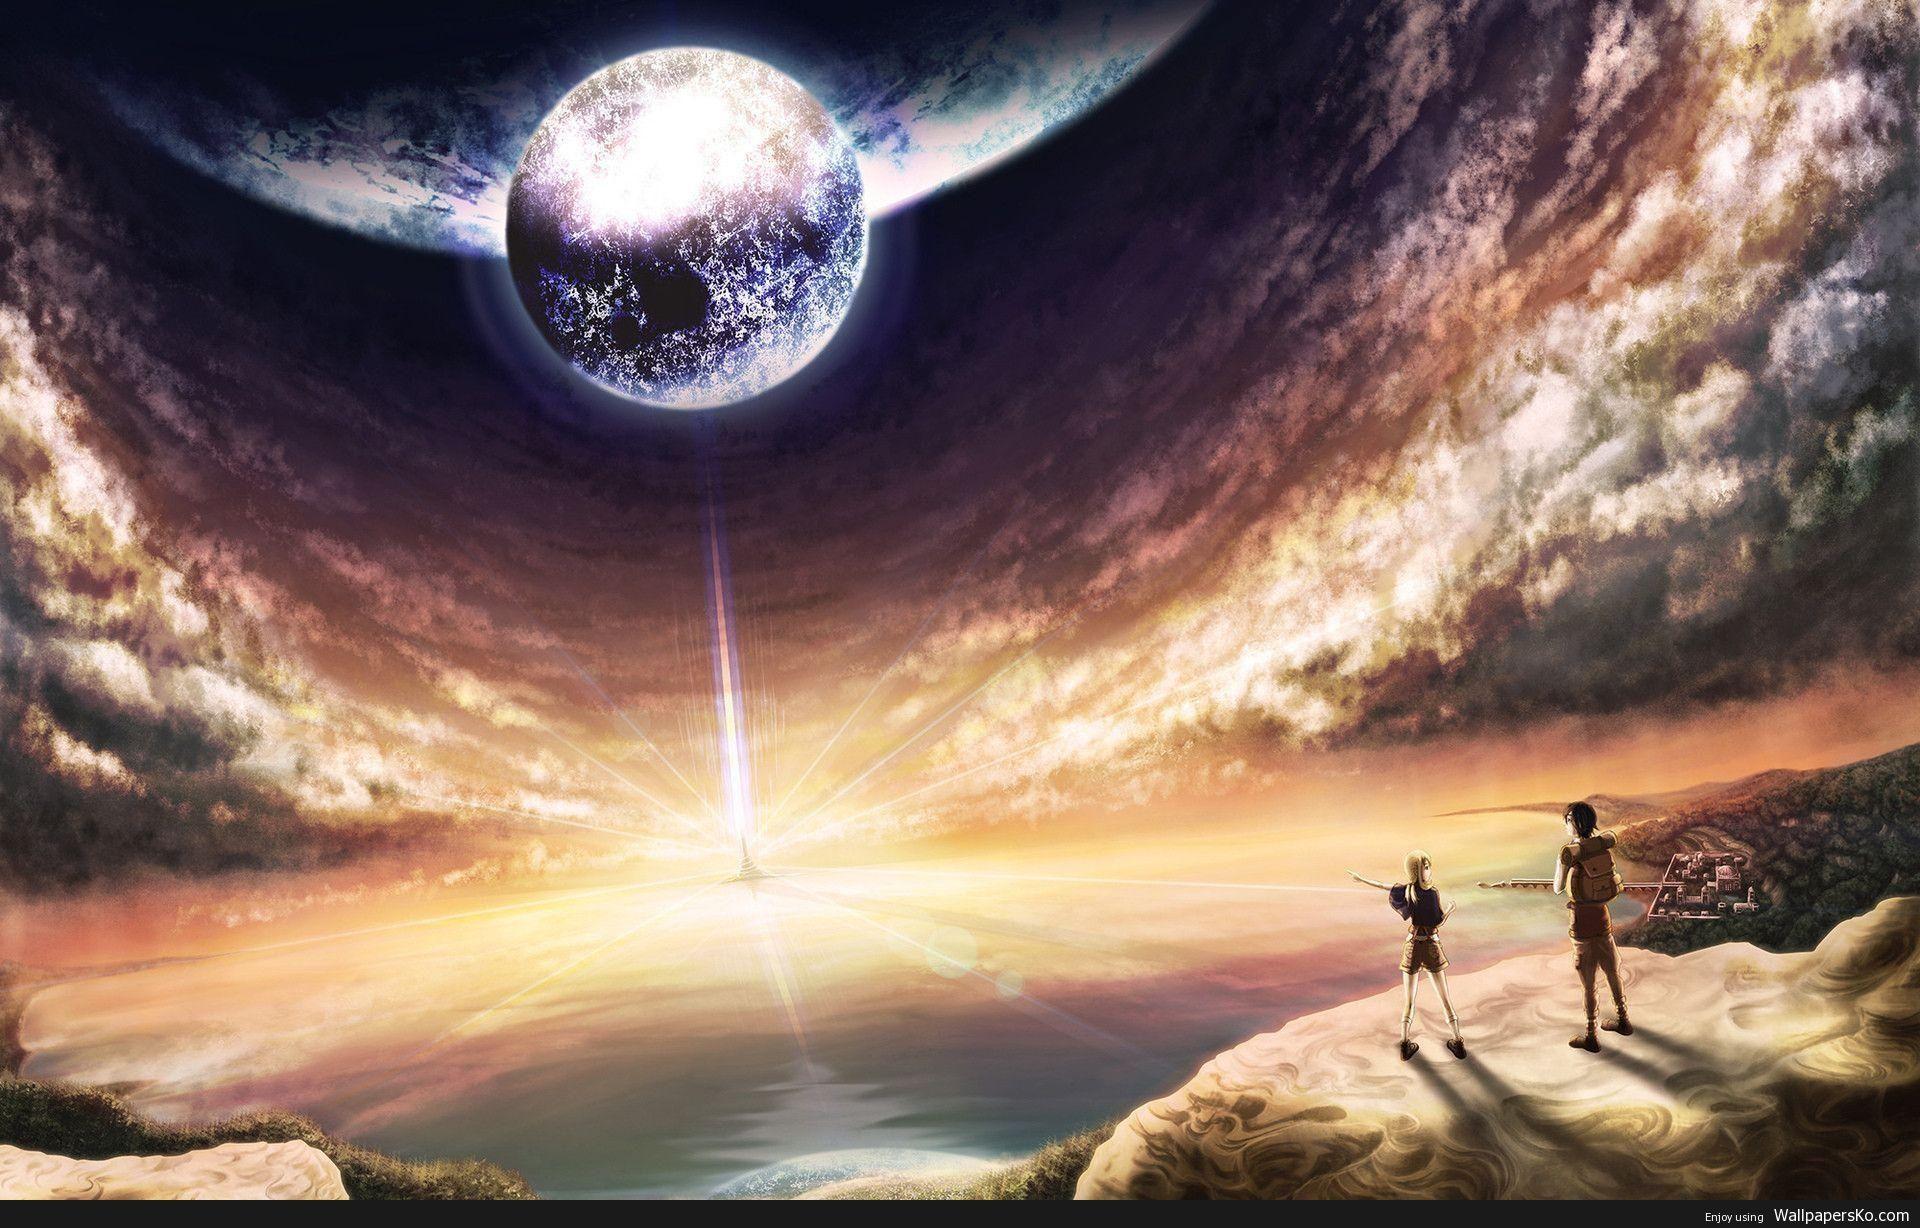 Anime world wallpaper http wallpapersko com anime world